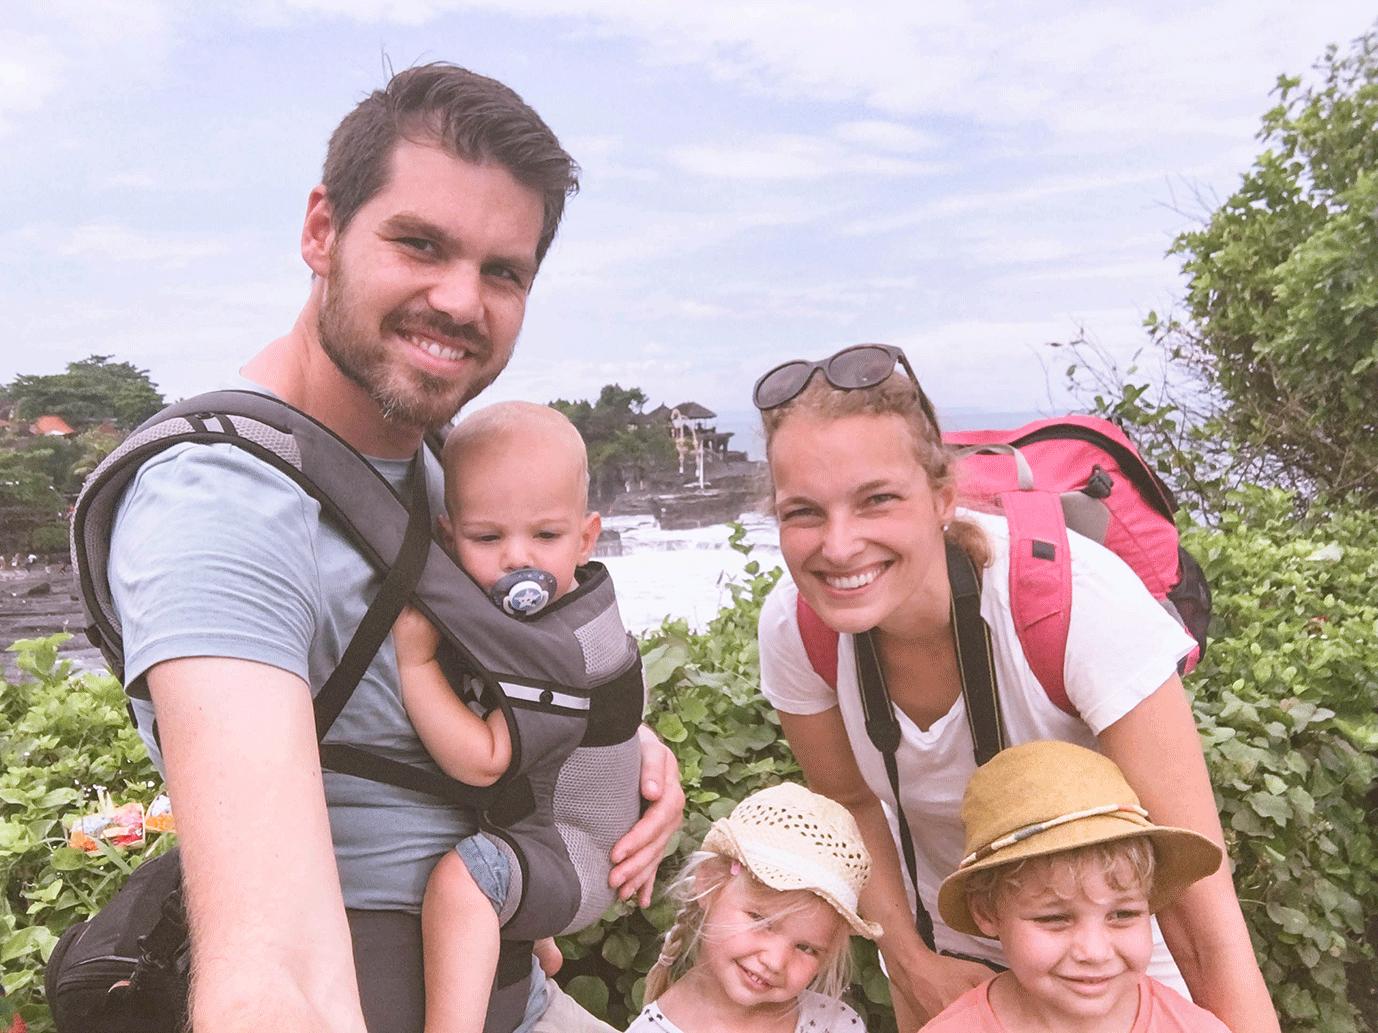 381778a6fd8 21 mei Inspirerend gezin: met 3 kleine kinderen backpacken op Bali